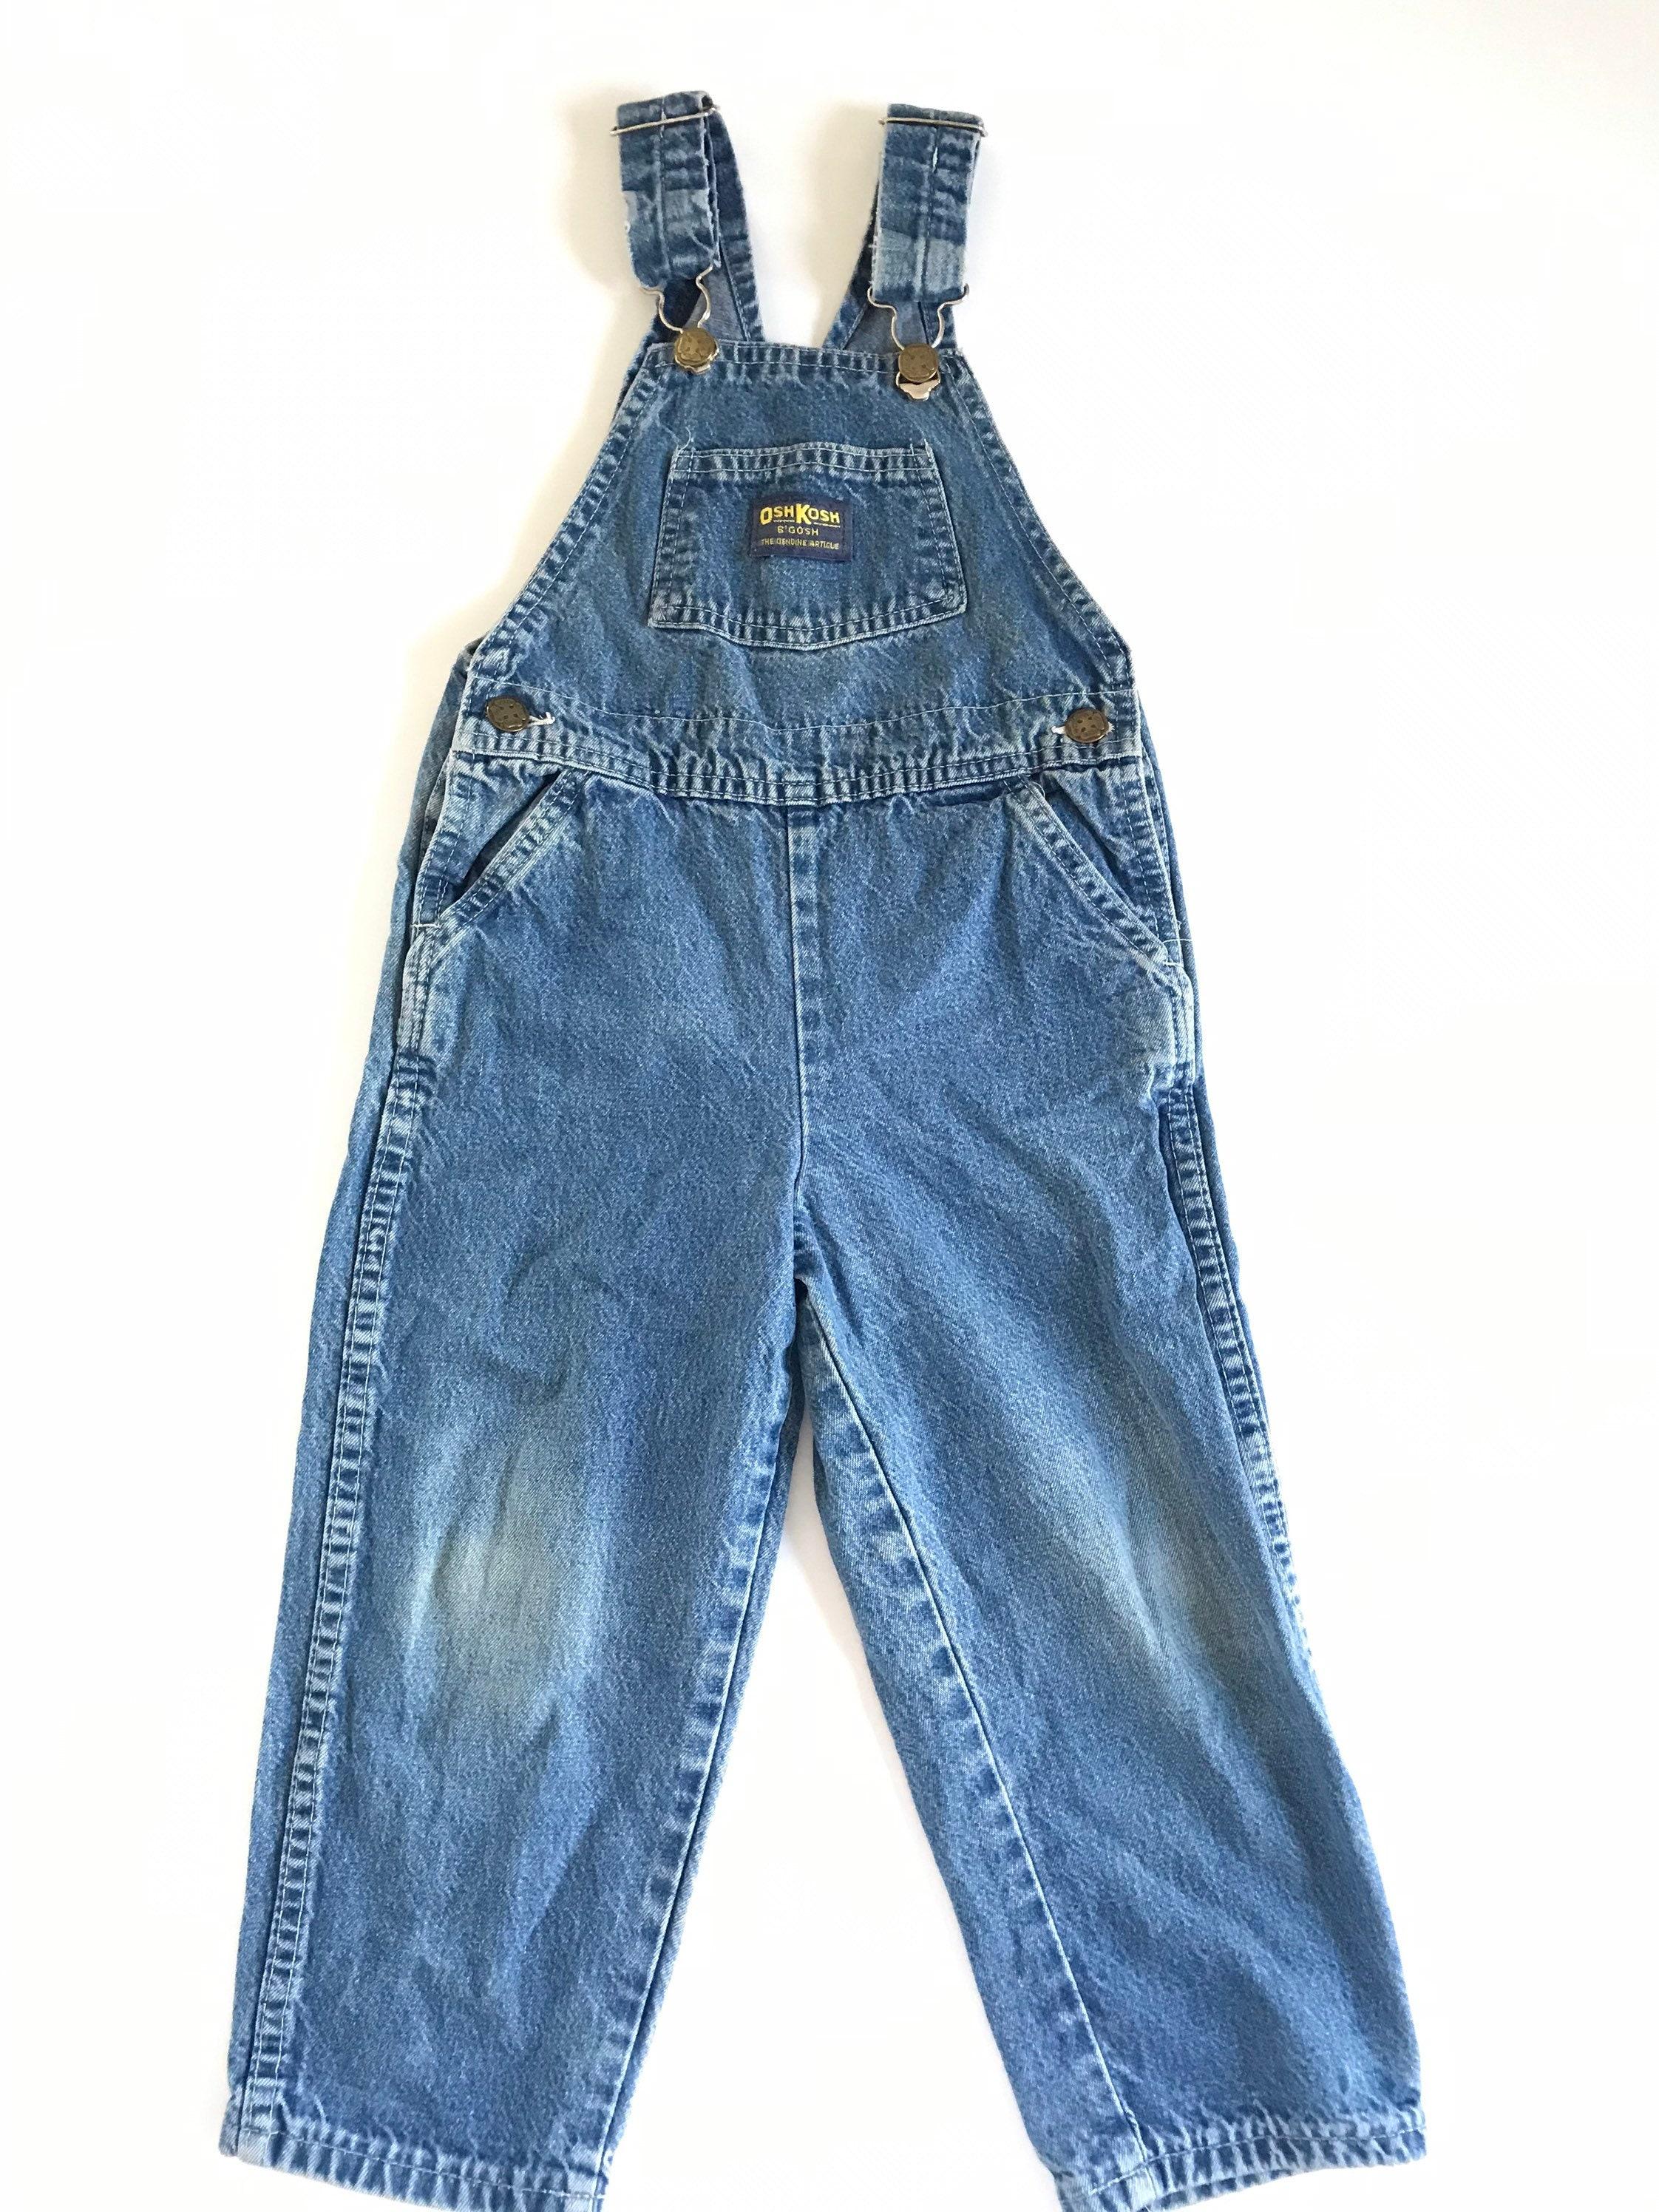 Vintage Overalls & Jumpsuits Vintage Oshkosh Overalls, 4T, Well Worn, Faded, Made in Usa, Osh Kosh Bgosh Adjustable Jean Toddler Denim 1990s, Folk $0.00 AT vintagedancer.com